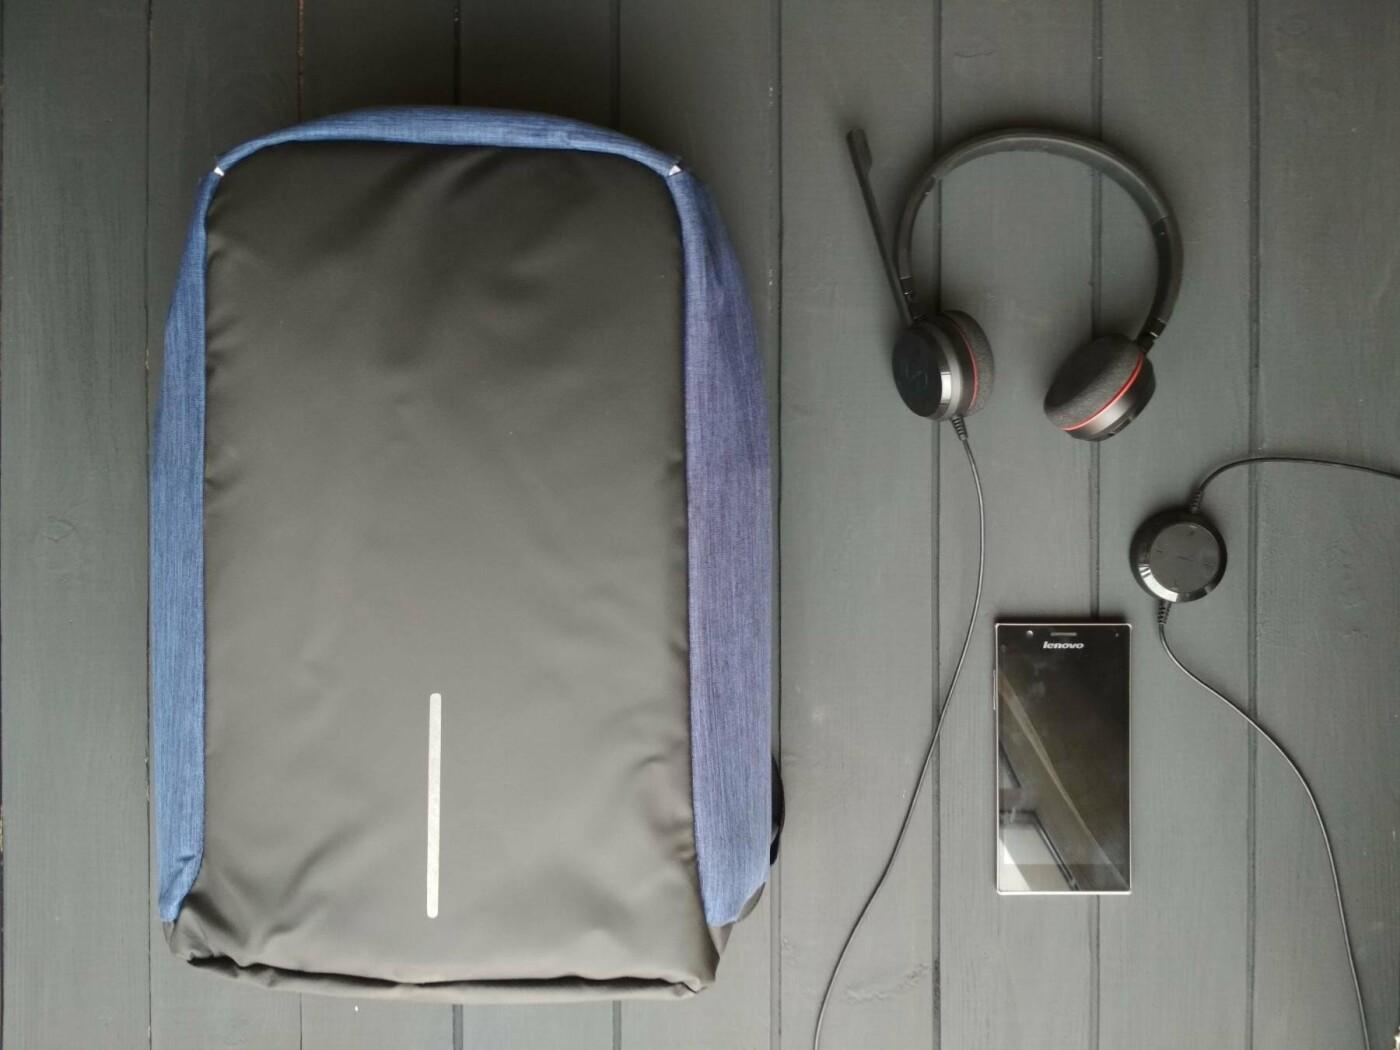 Что скрывается за стильным дизайном рюкзака Bobby, фото-1